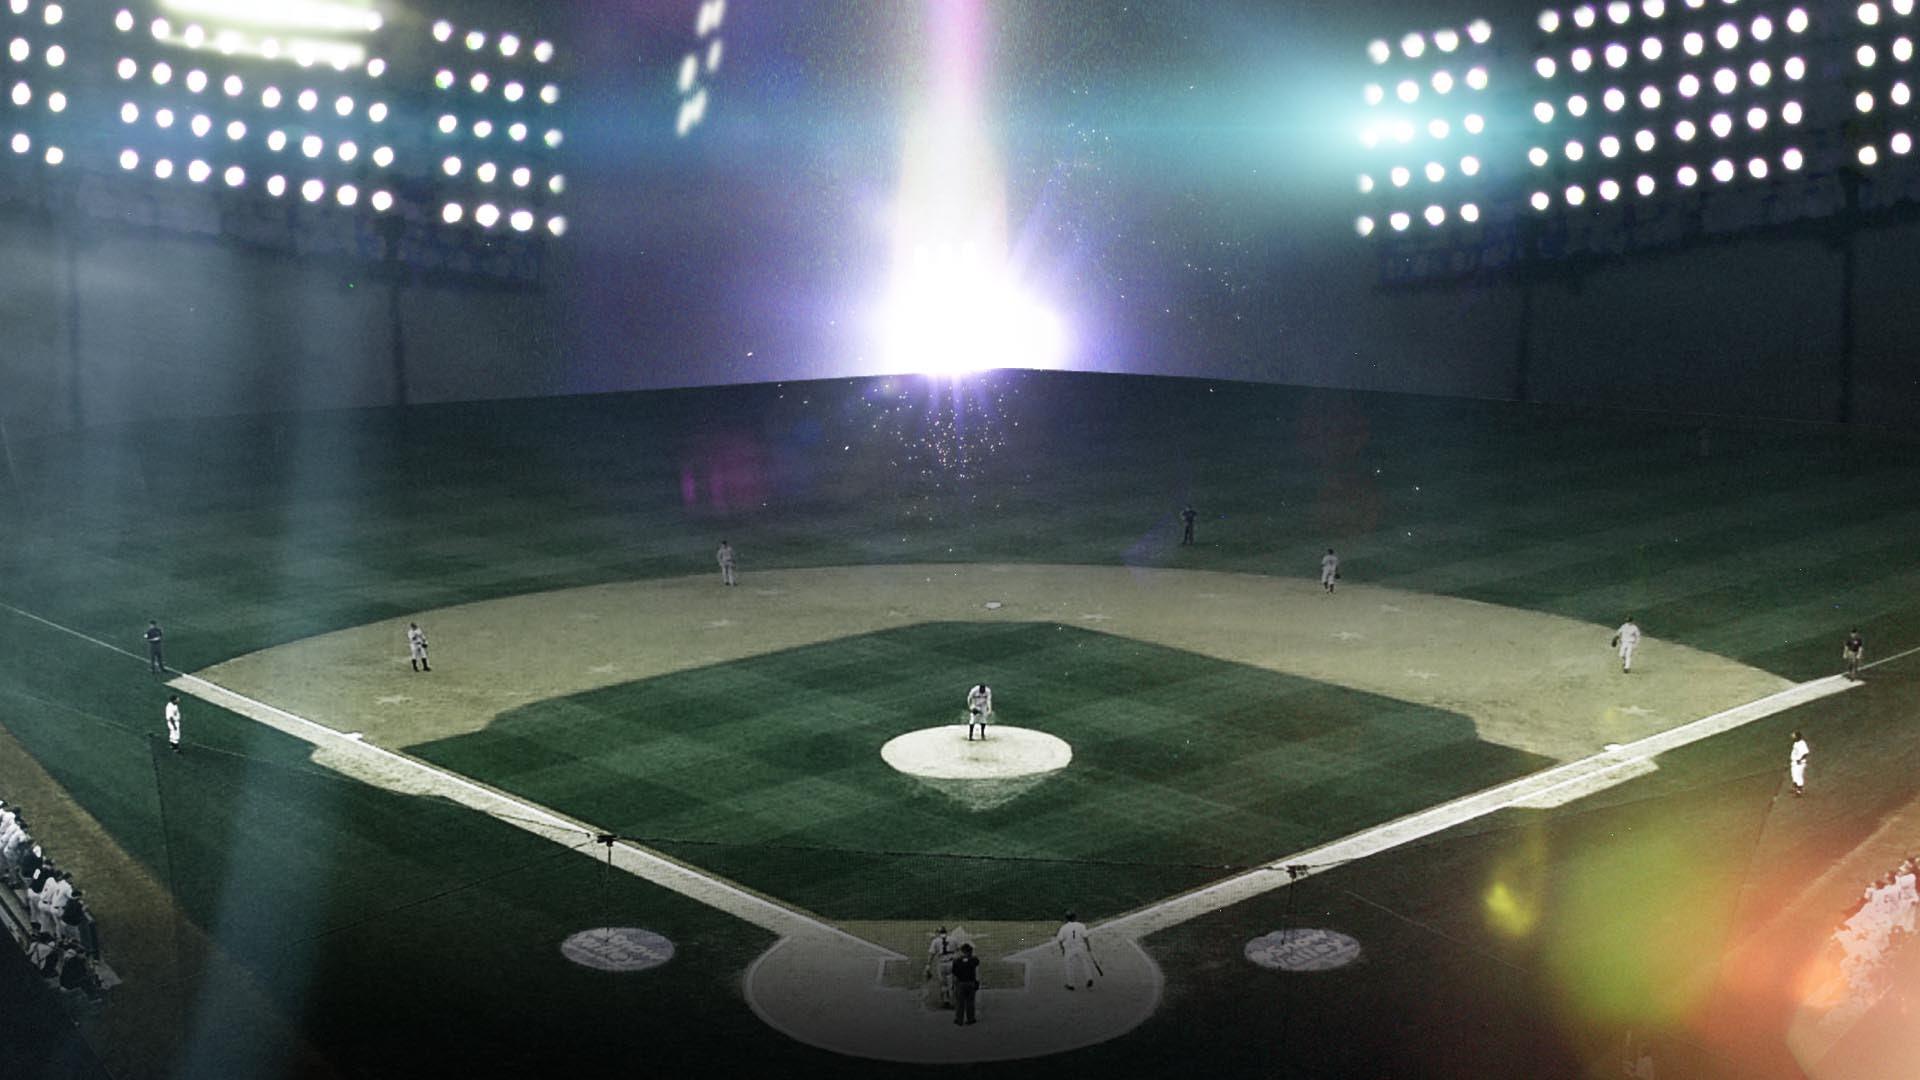 松井 イチロー ジーターも 野球 かっこいい美しい高画質壁紙まとめ